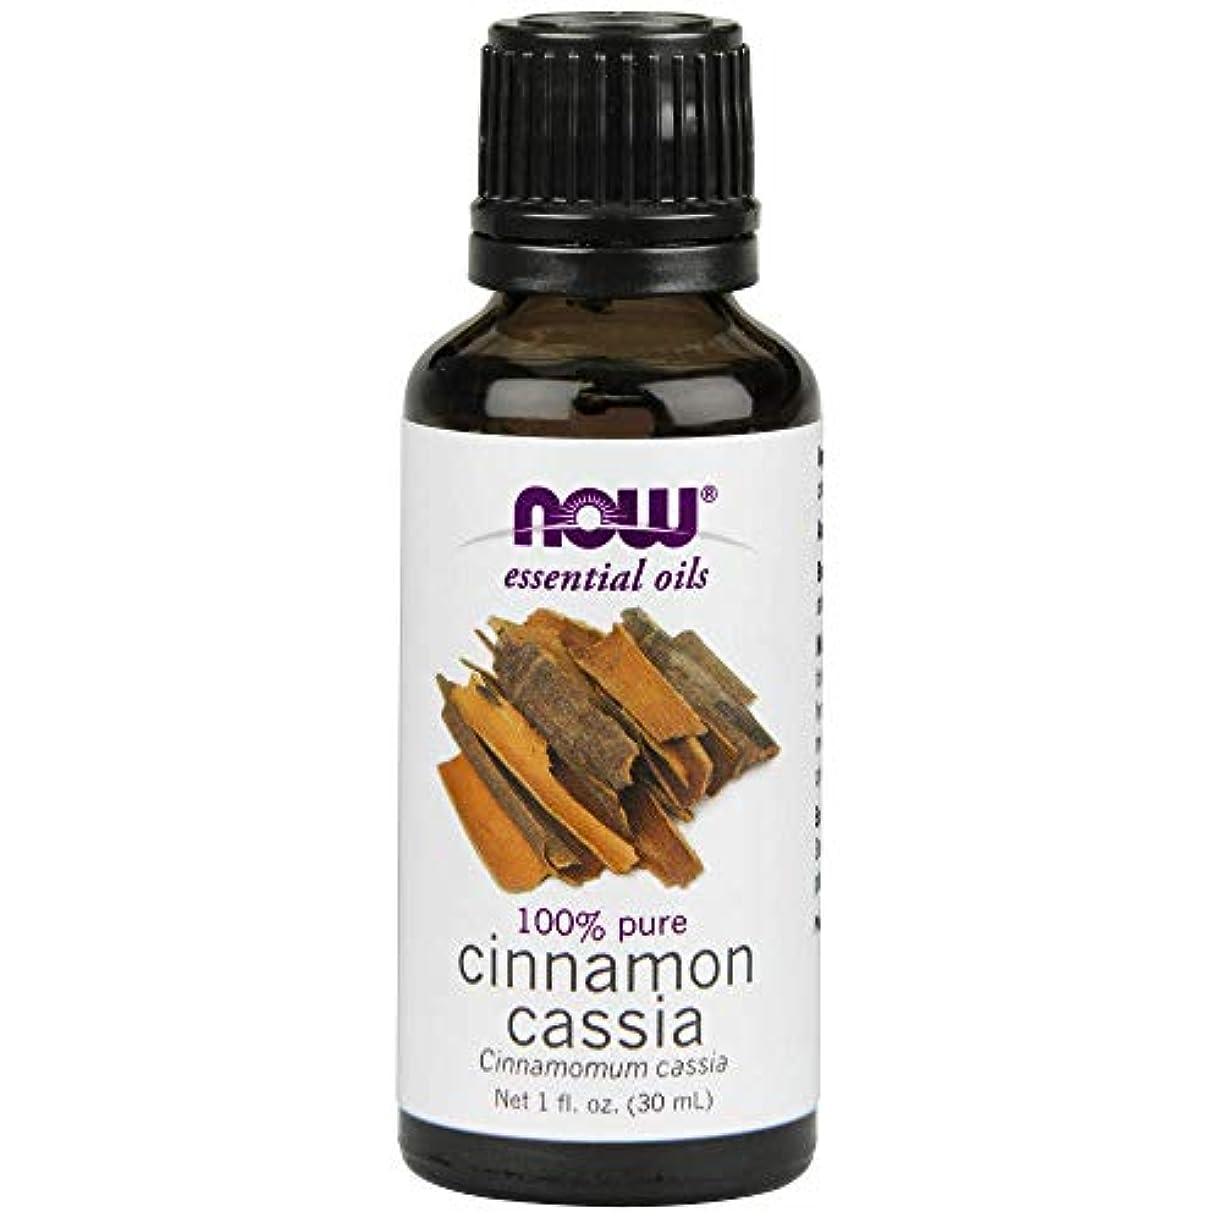 息切れ疼痛コスチュームNow - Cinnamon Cassia Oil 100% Pure 1 oz (30 ml) [並行輸入品]